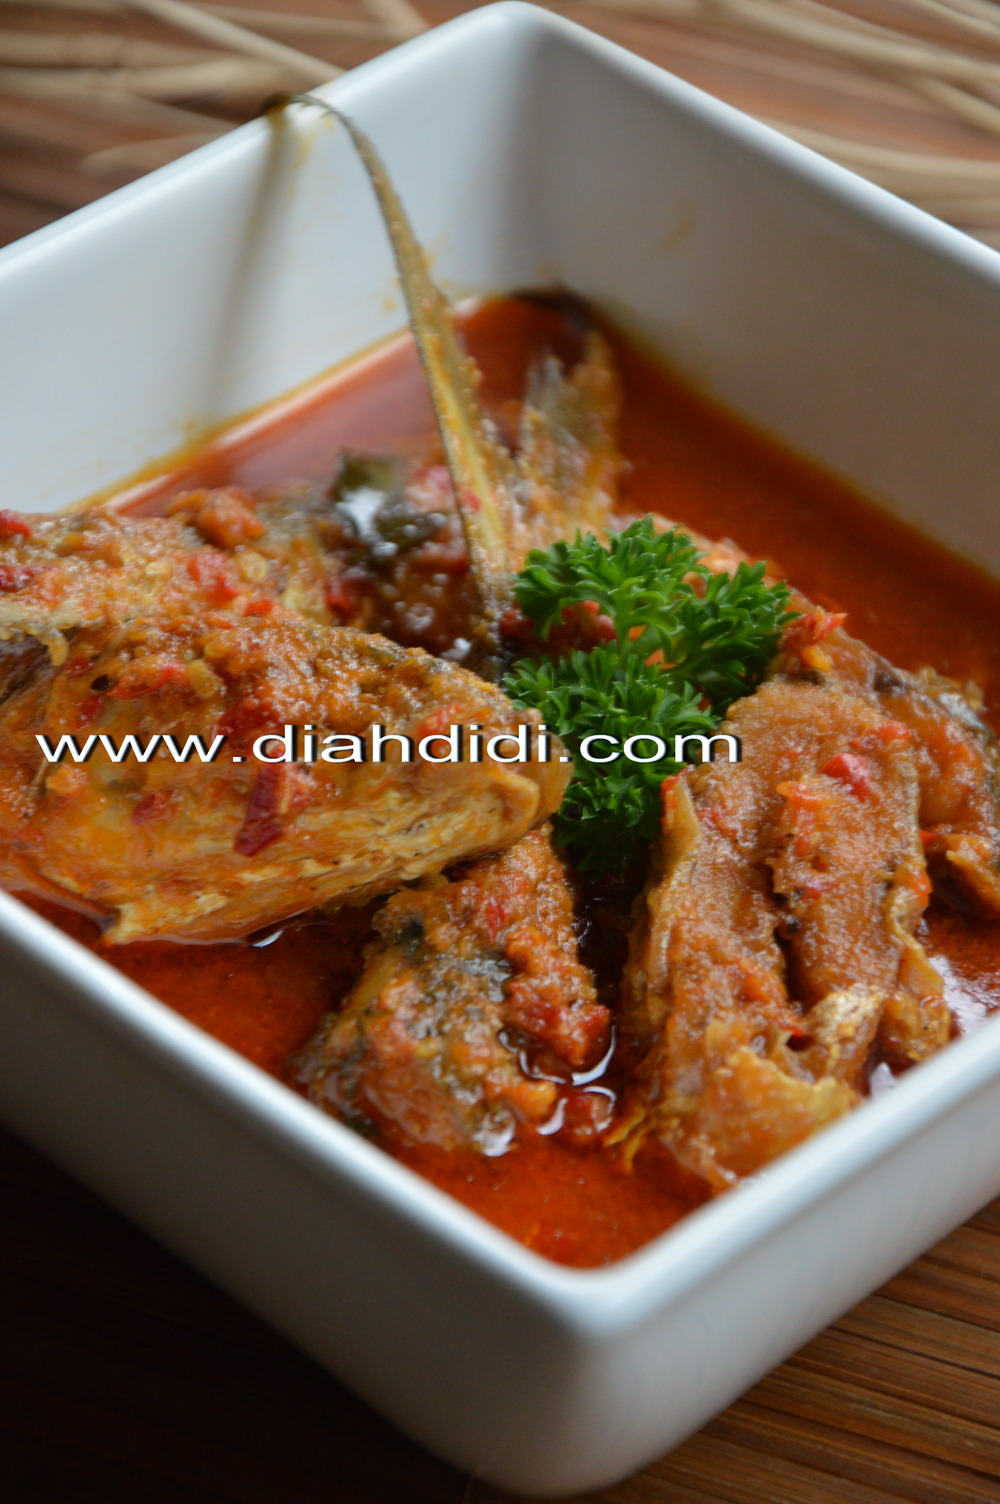 Resep Ikan Bumbu Rujak : resep, bumbu, rujak, Didi's, Kitchen:, Inspirasi, Puasa, Sahur, Bandeng, Bumbu, Rujak, Timur